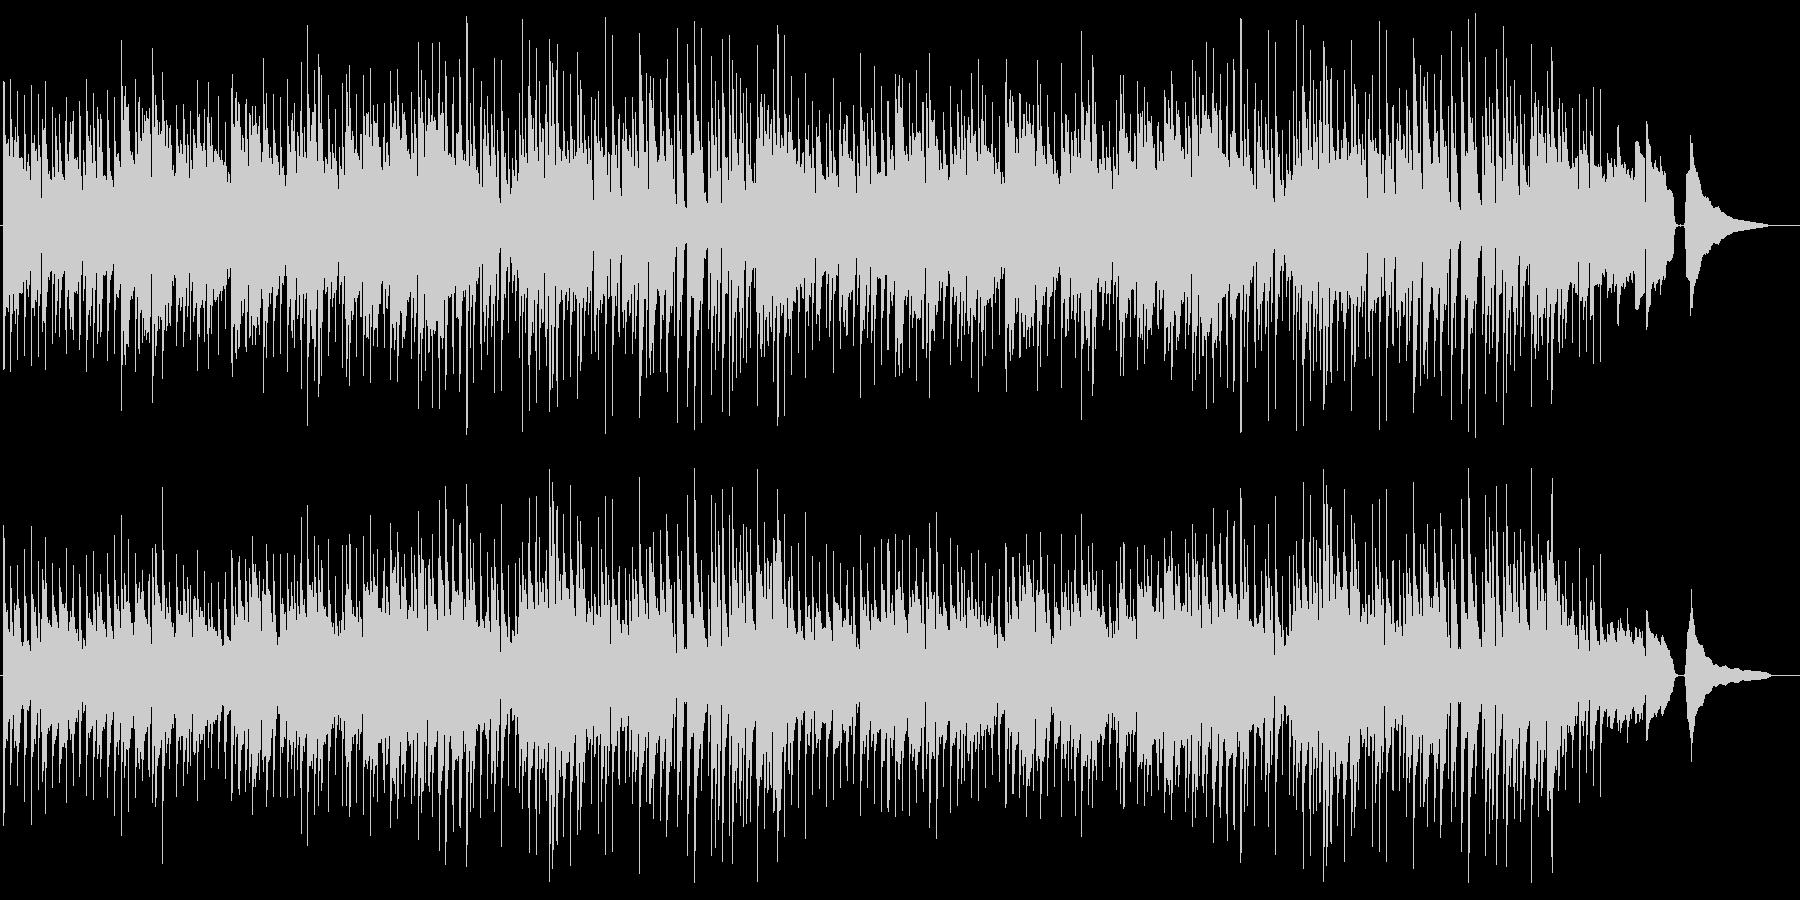 ほのぼのした雰囲気のポップスの未再生の波形